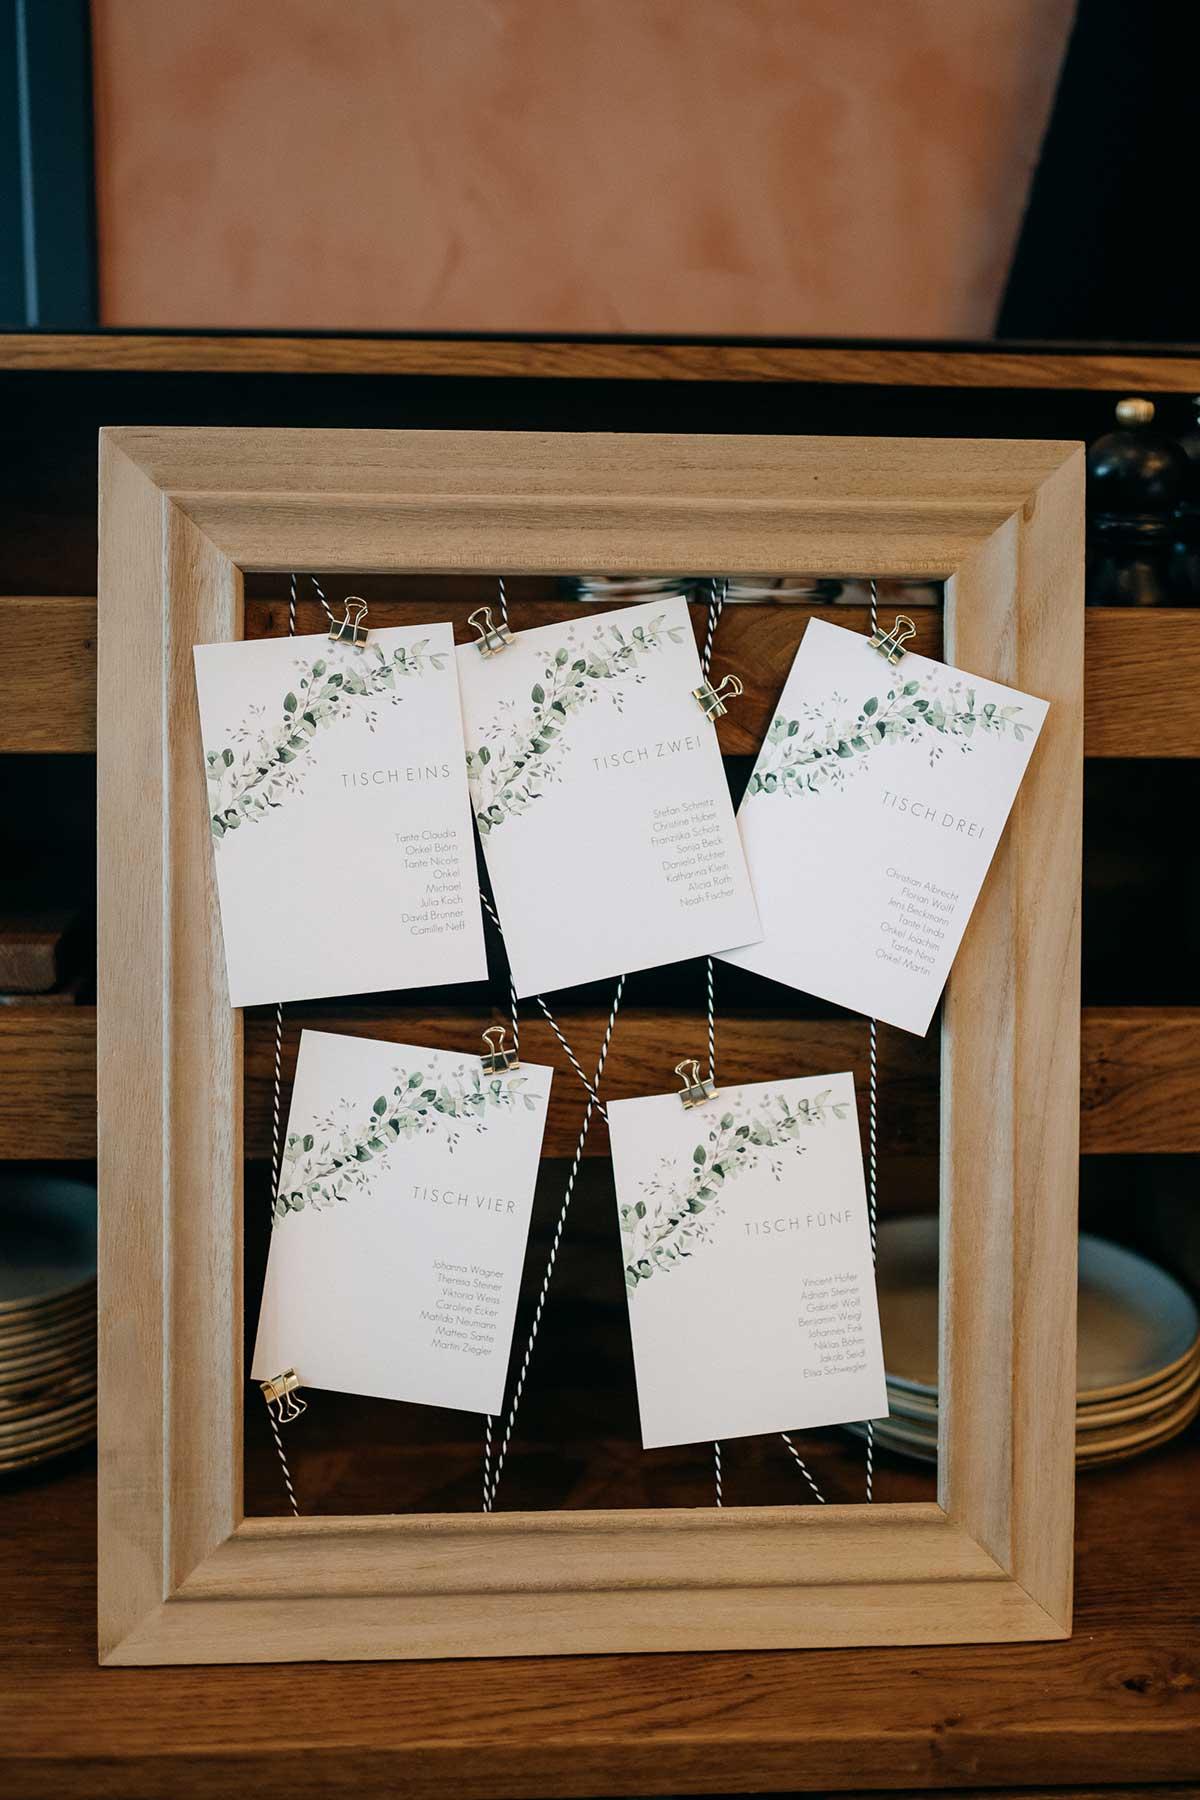 Sitzplan bei einer Hochzeit im Bilderrahmen